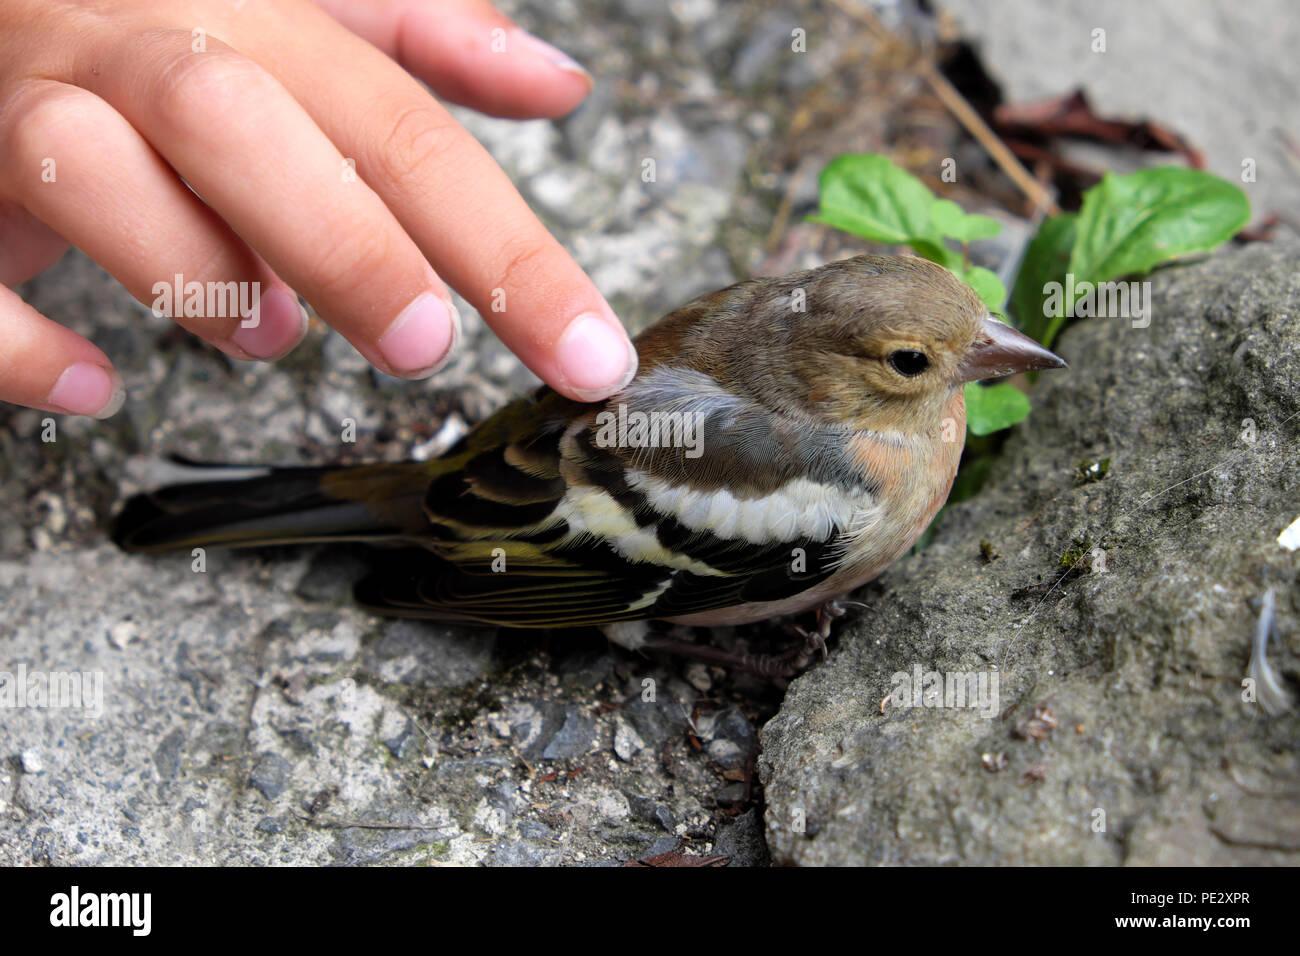 Bambino la mano digitazione del fringuello bird seduta storditi a terra dopo la caduta in una finestra in Carmarthenshire Wales UK. KATHY DEWITT Immagini Stock